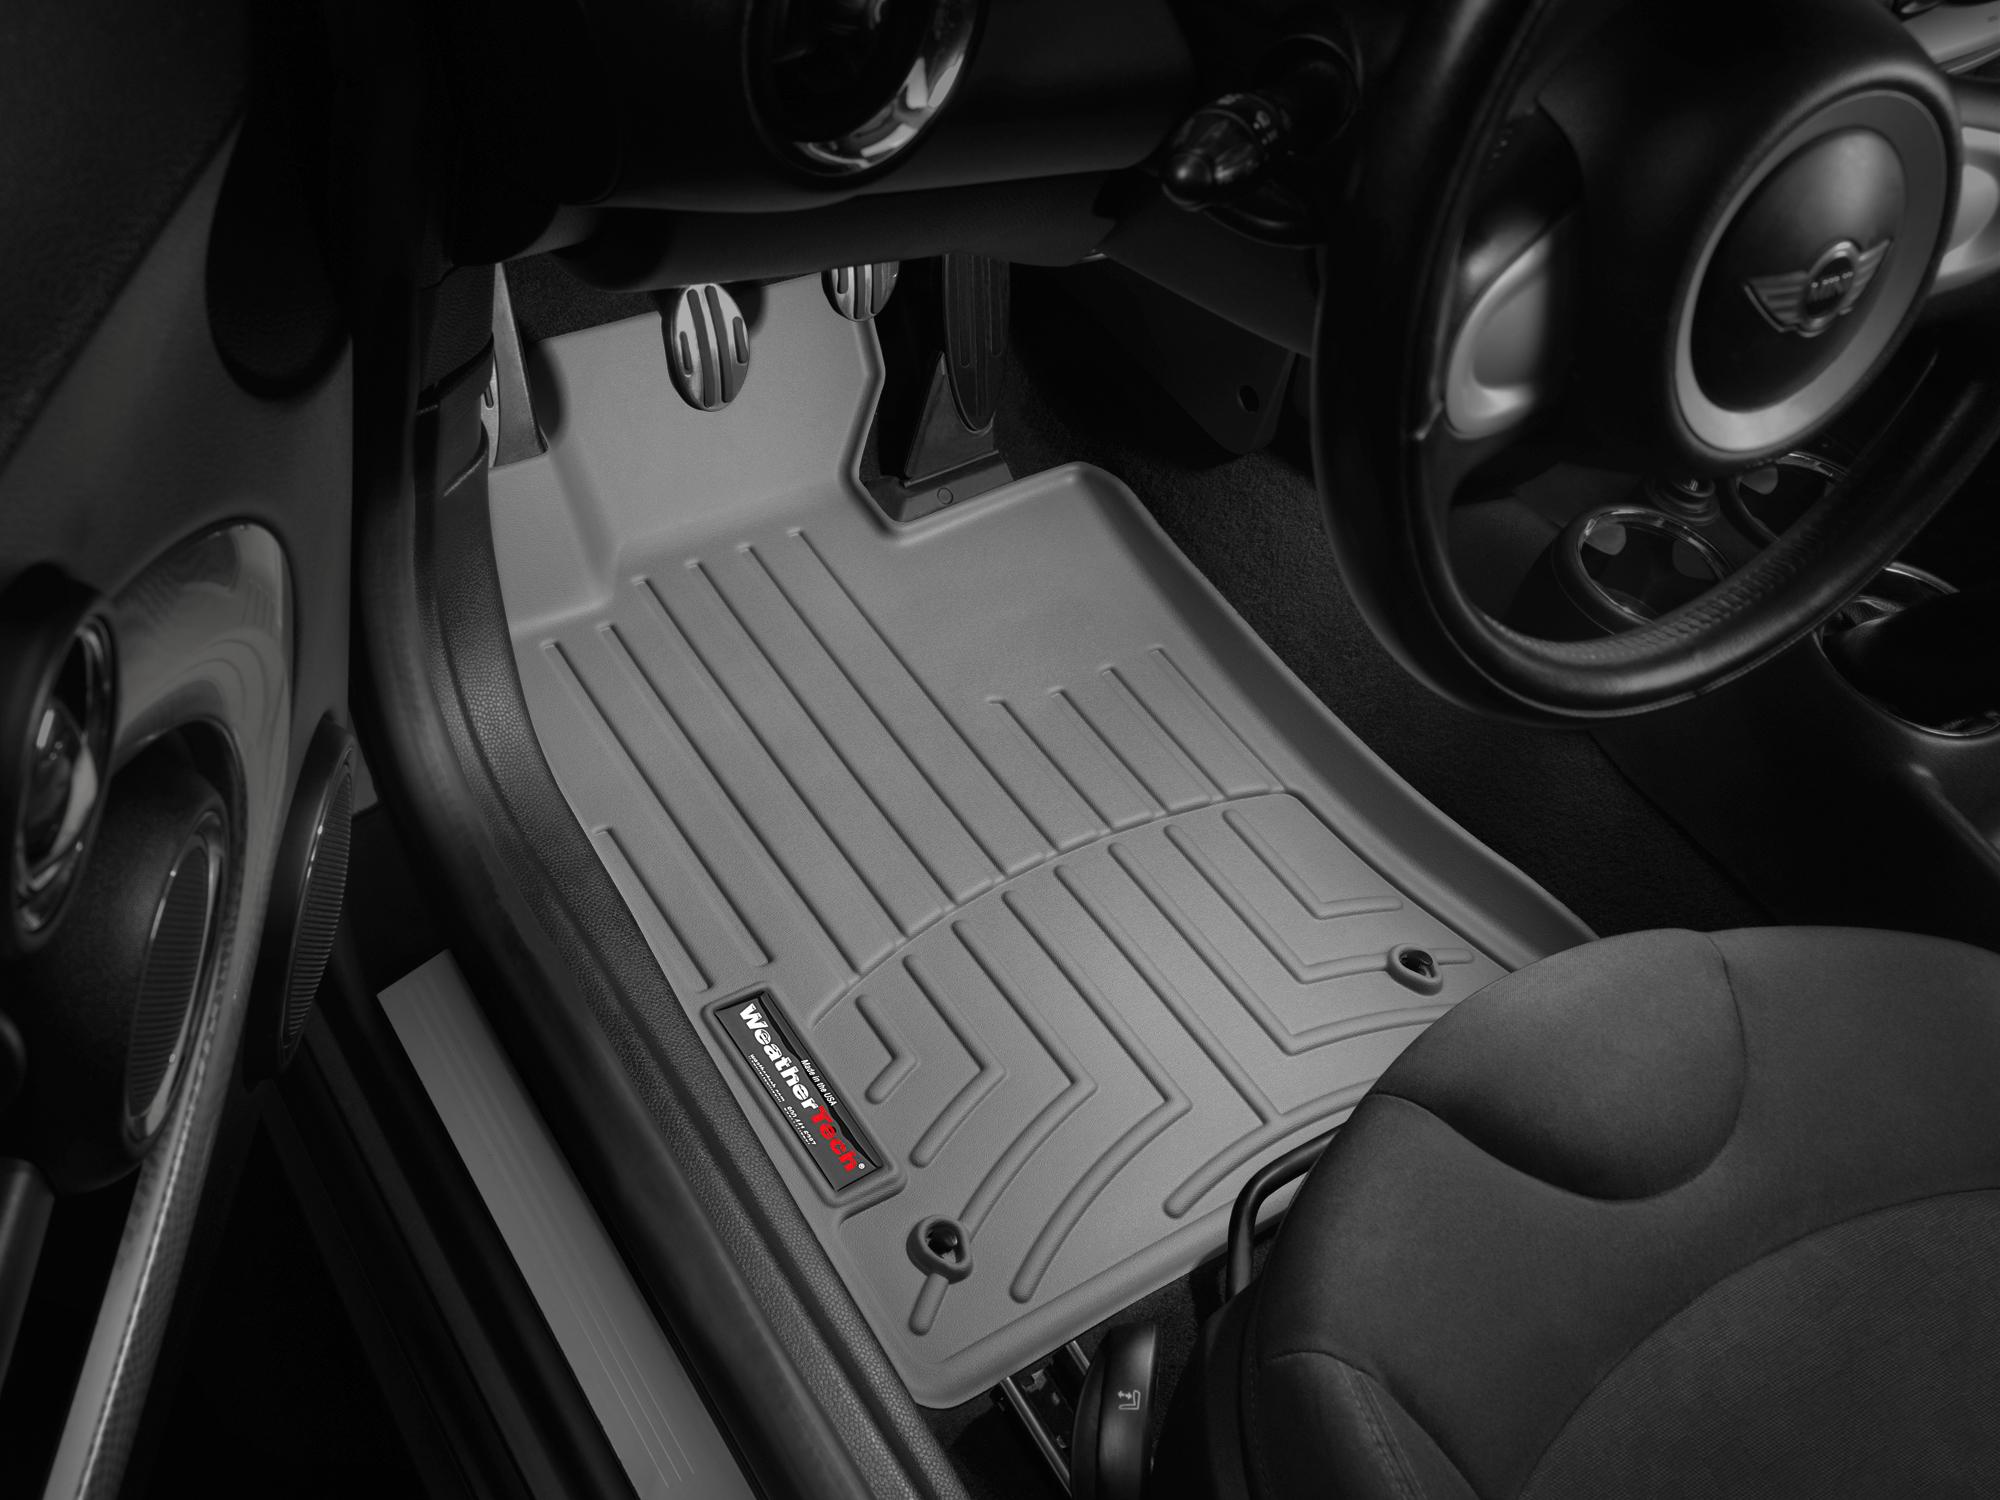 Tappeti gomma su misura bordo alto MINI Coupe 12>15 Grigio A2702*